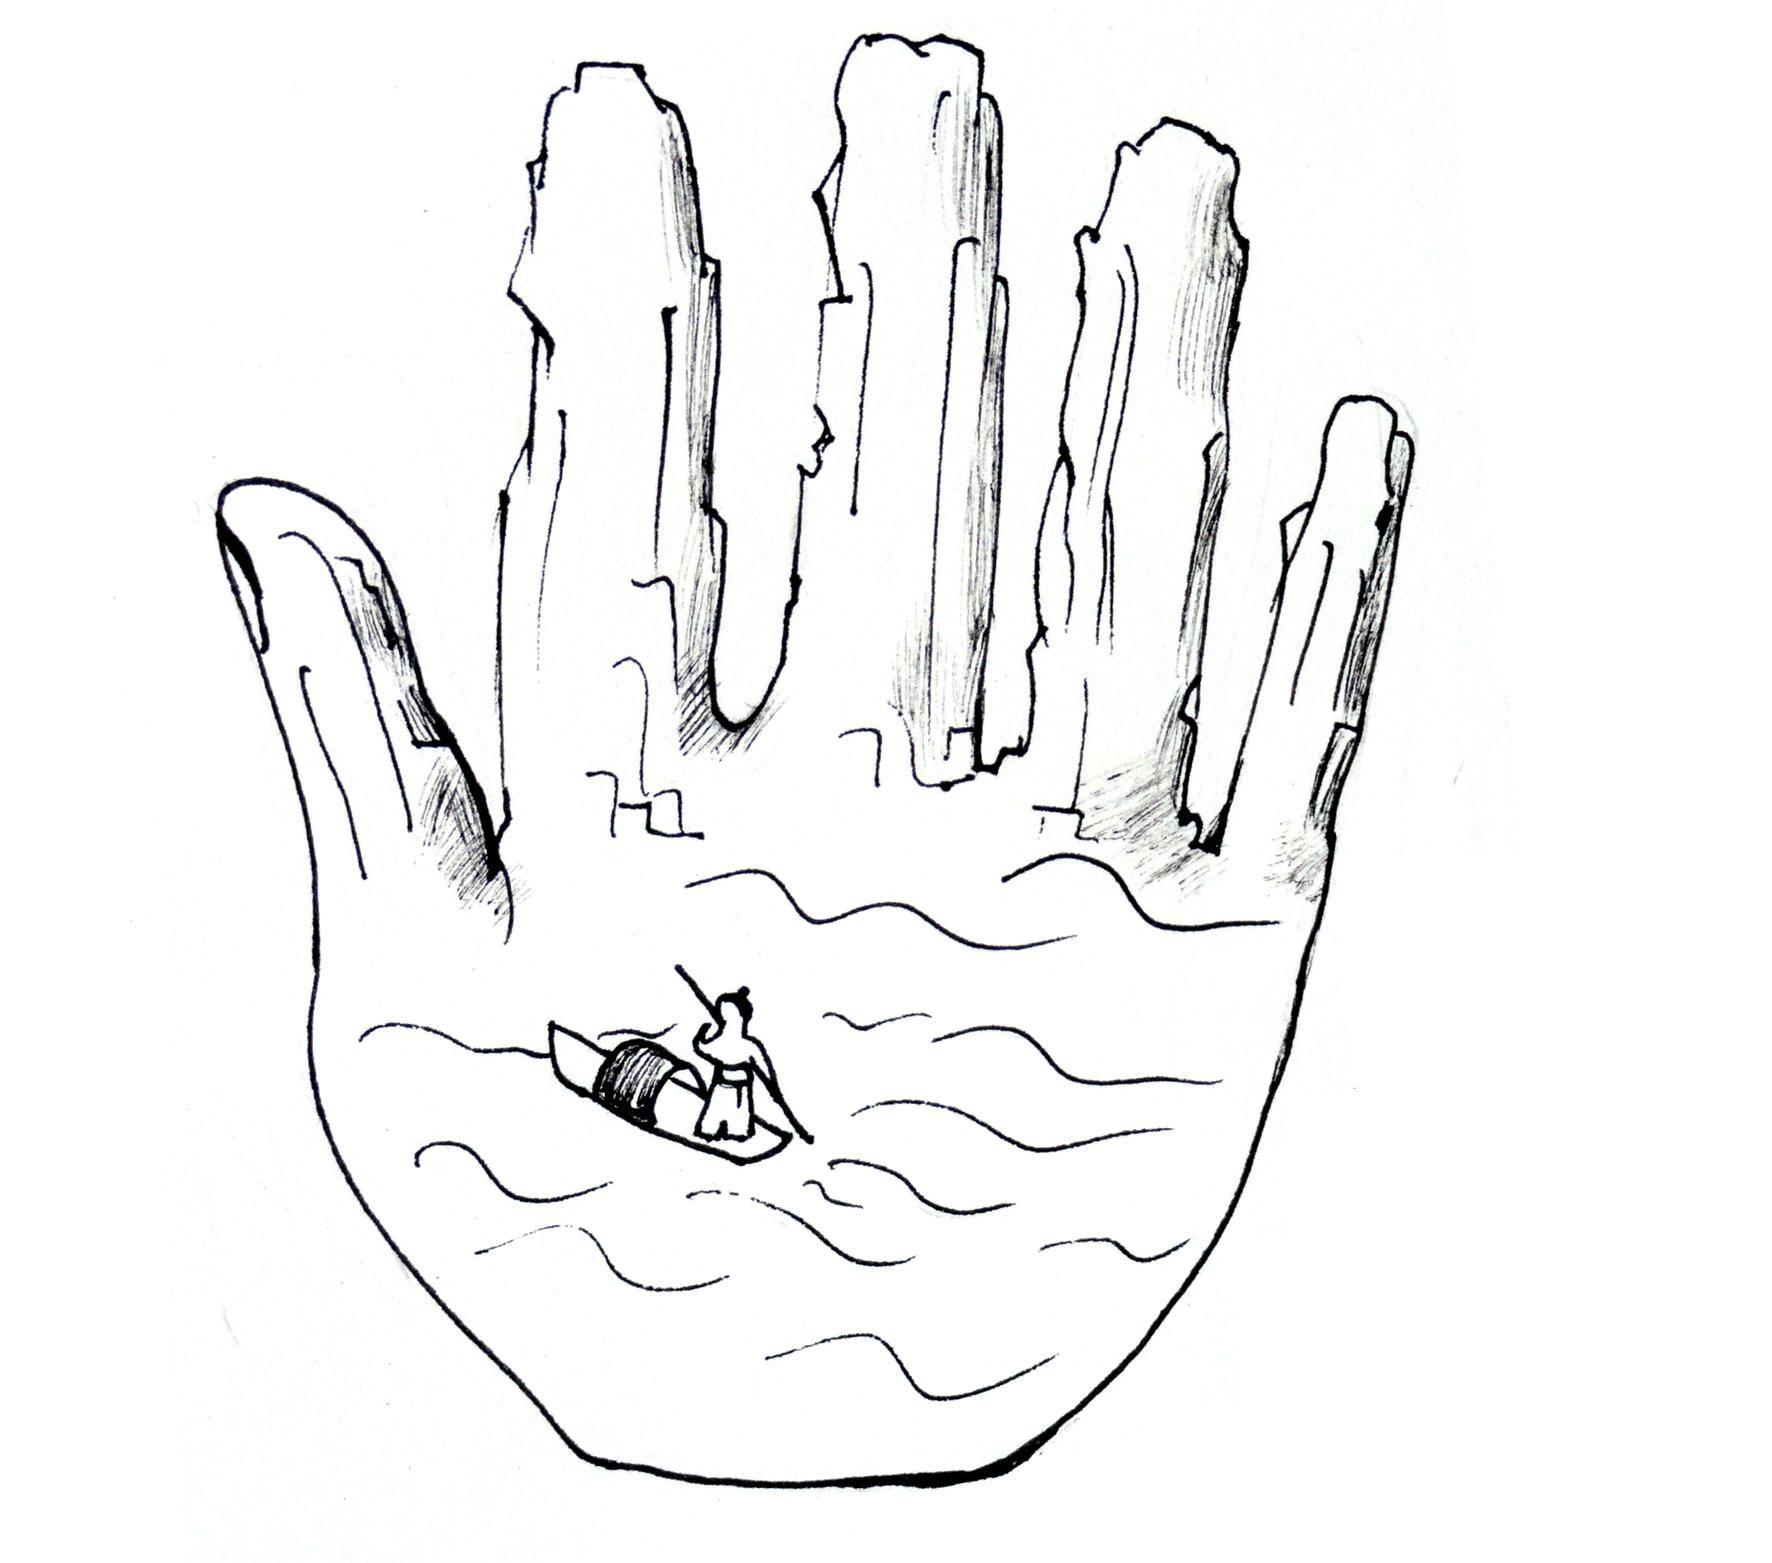 手的联想案例图片-手的联想-图形创意图片